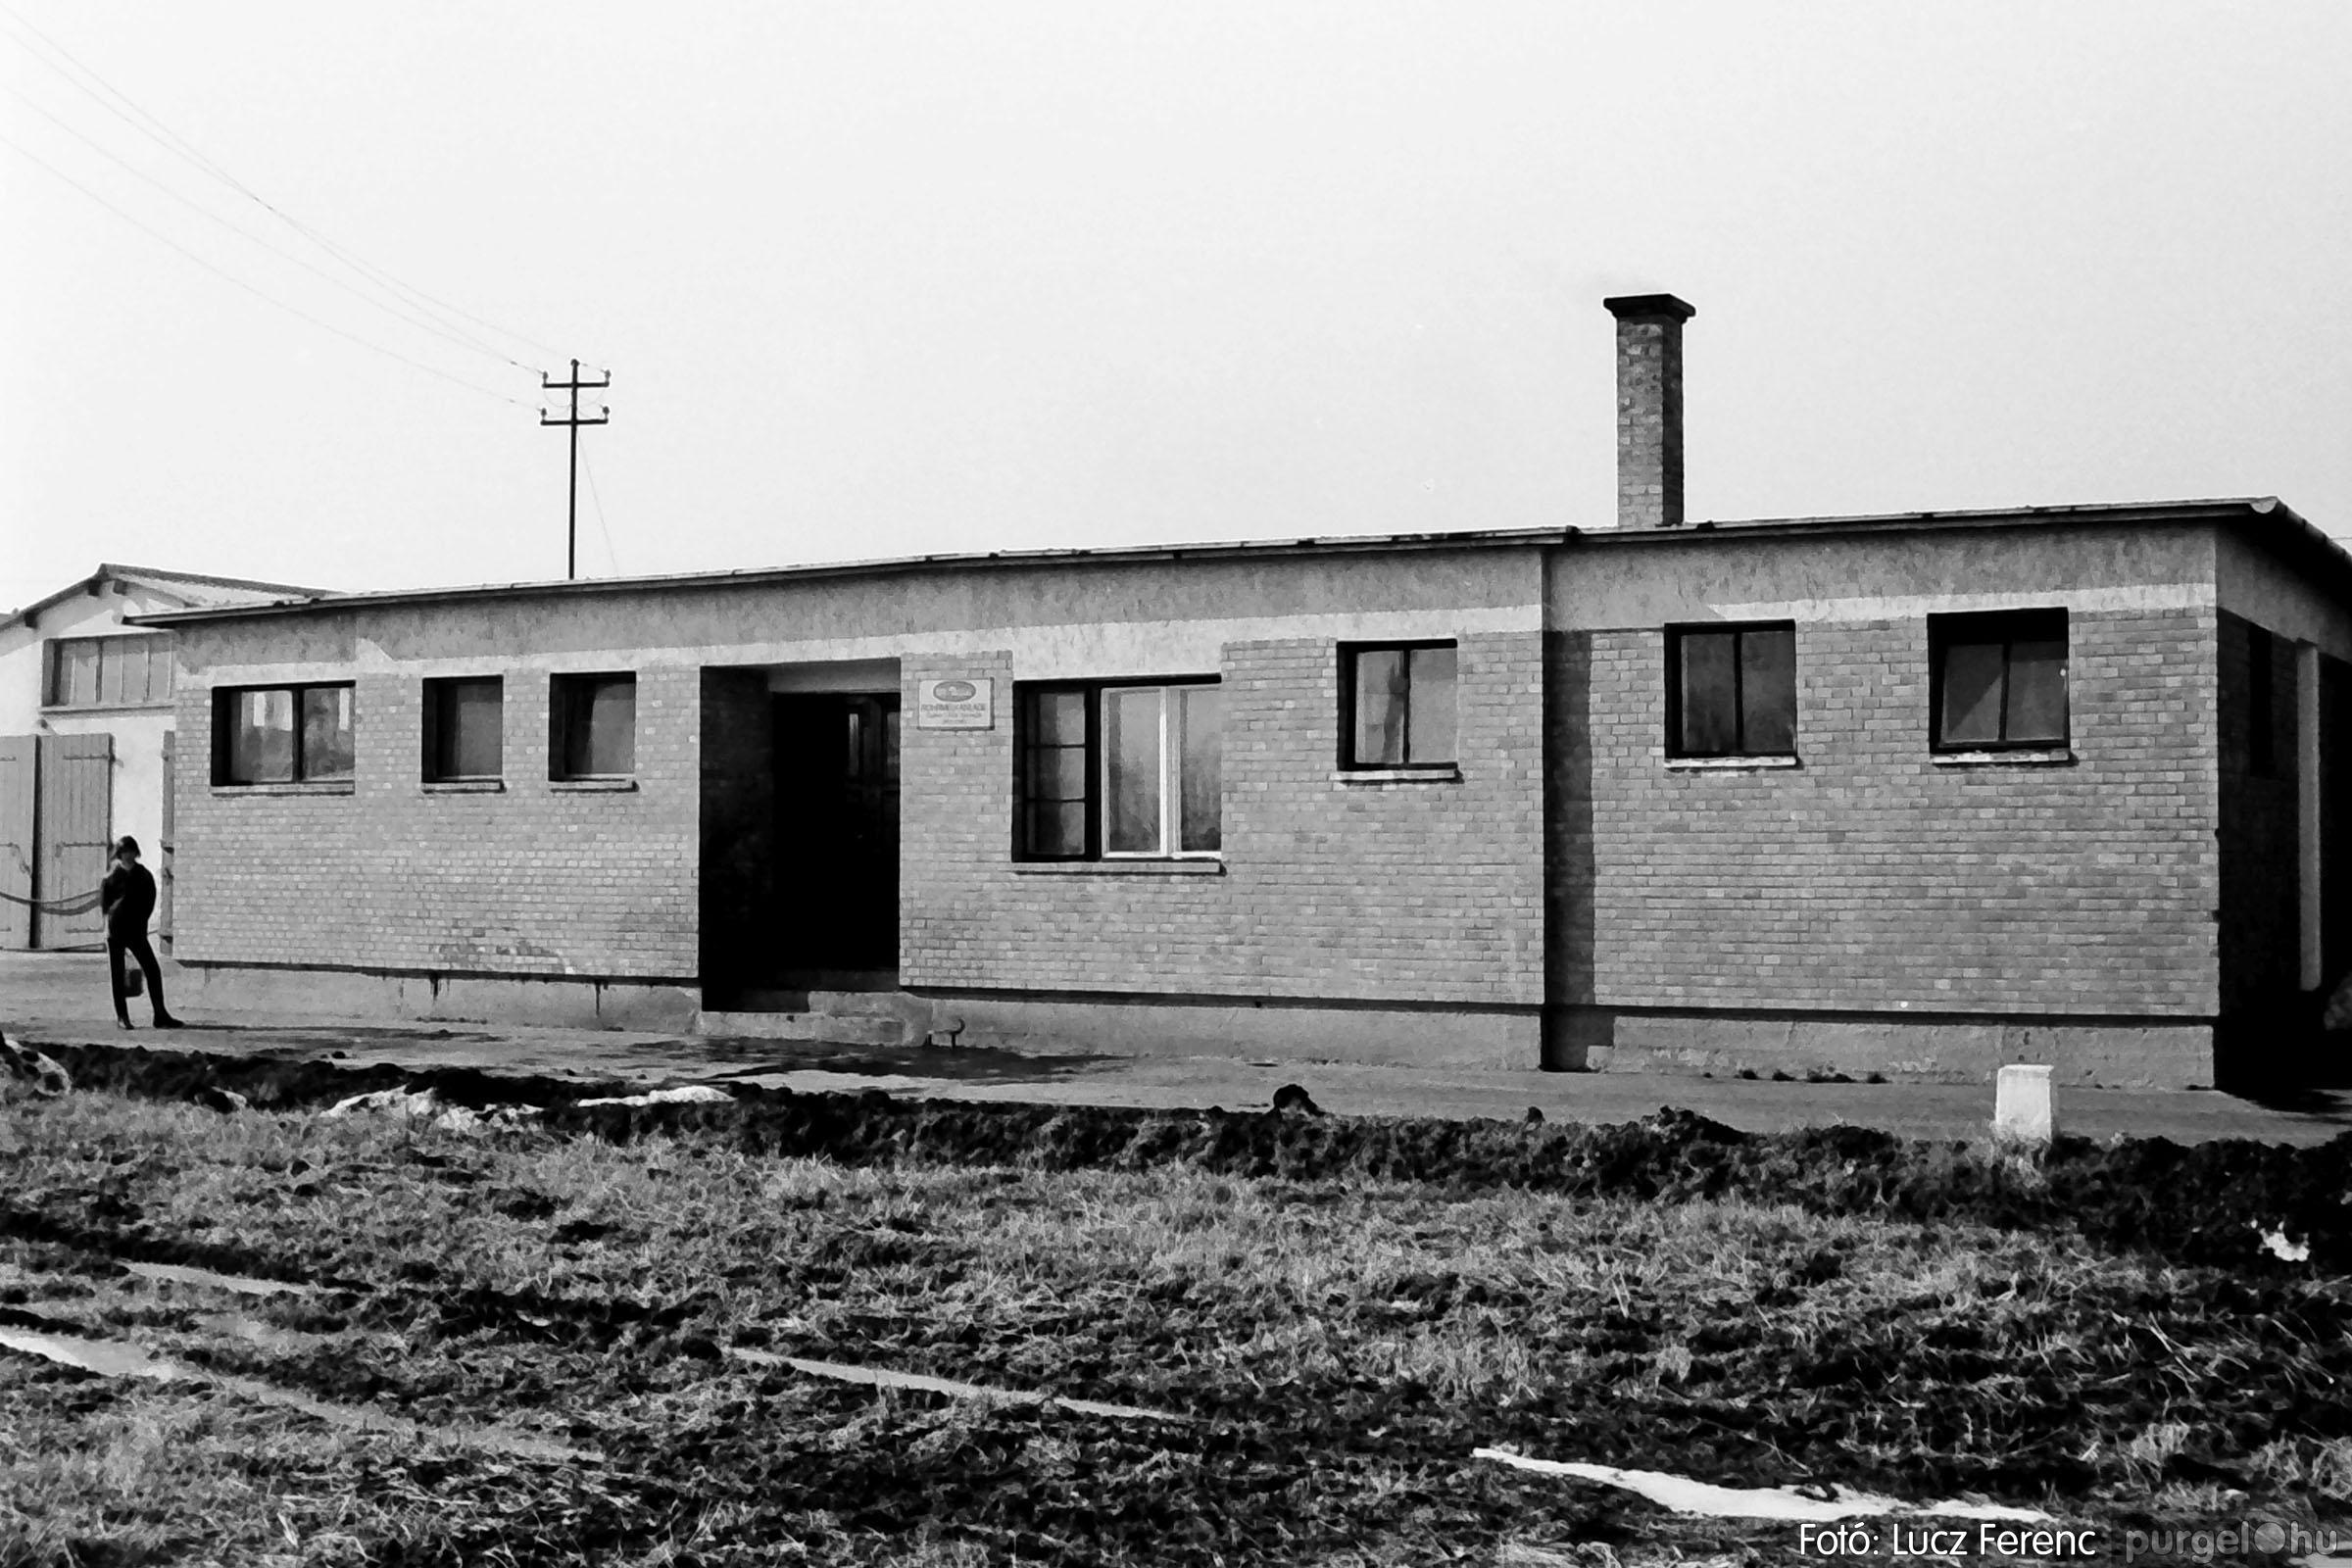 033-034. 1976. Élet a sápi tehenészetben 029 - Fotó: Lucz Ferenc.jpg